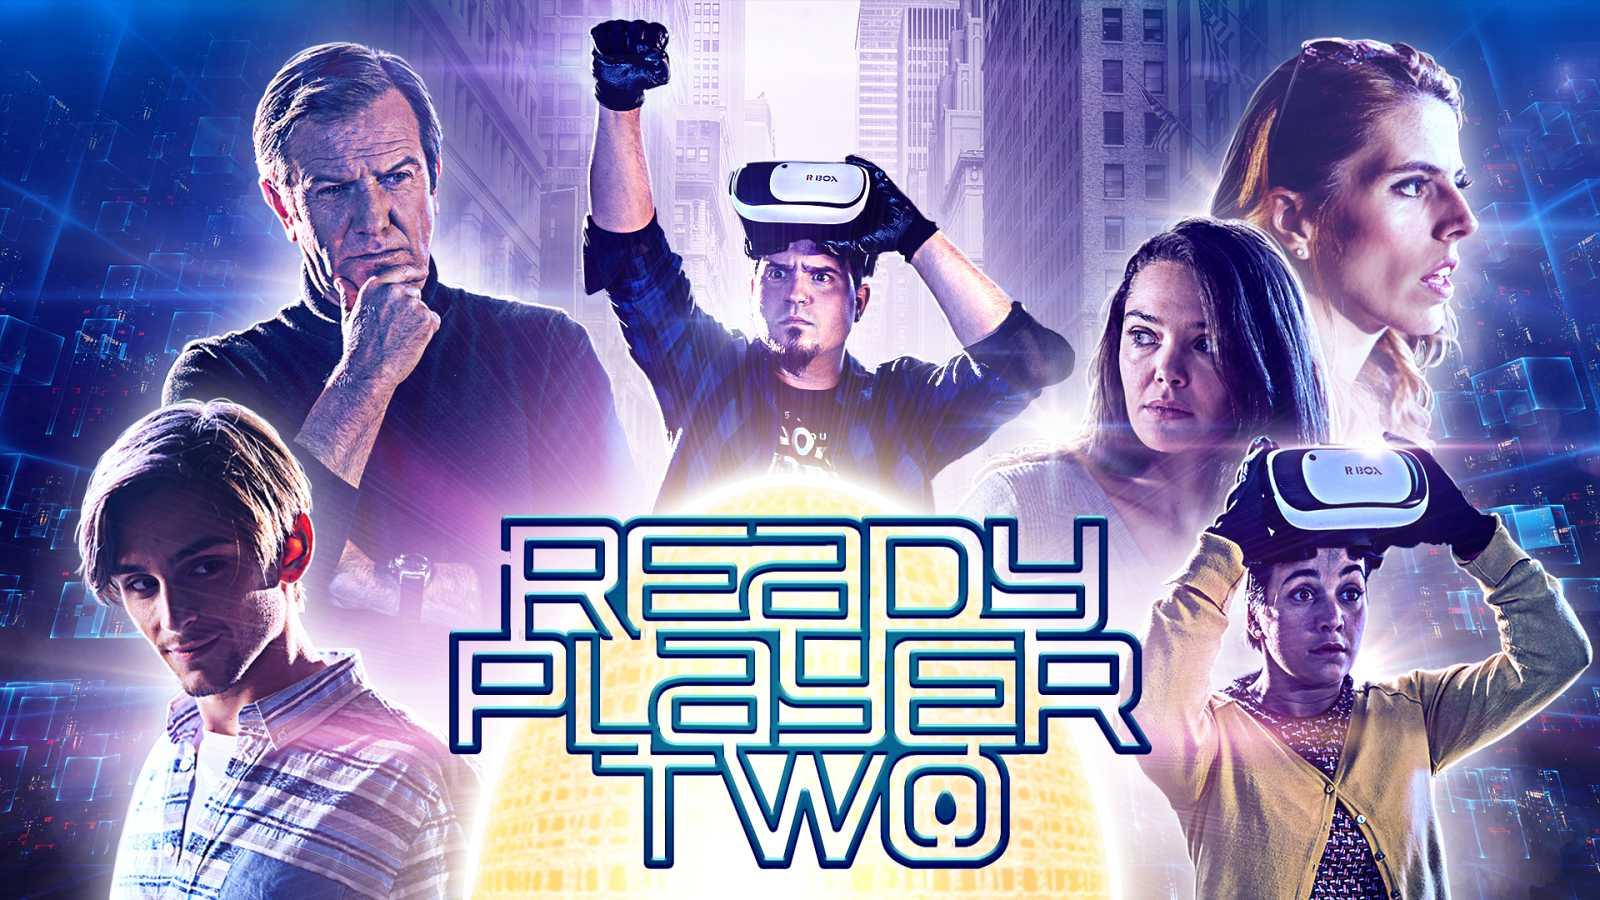 Neverfilms - Mira ya 'Ready Player Two'